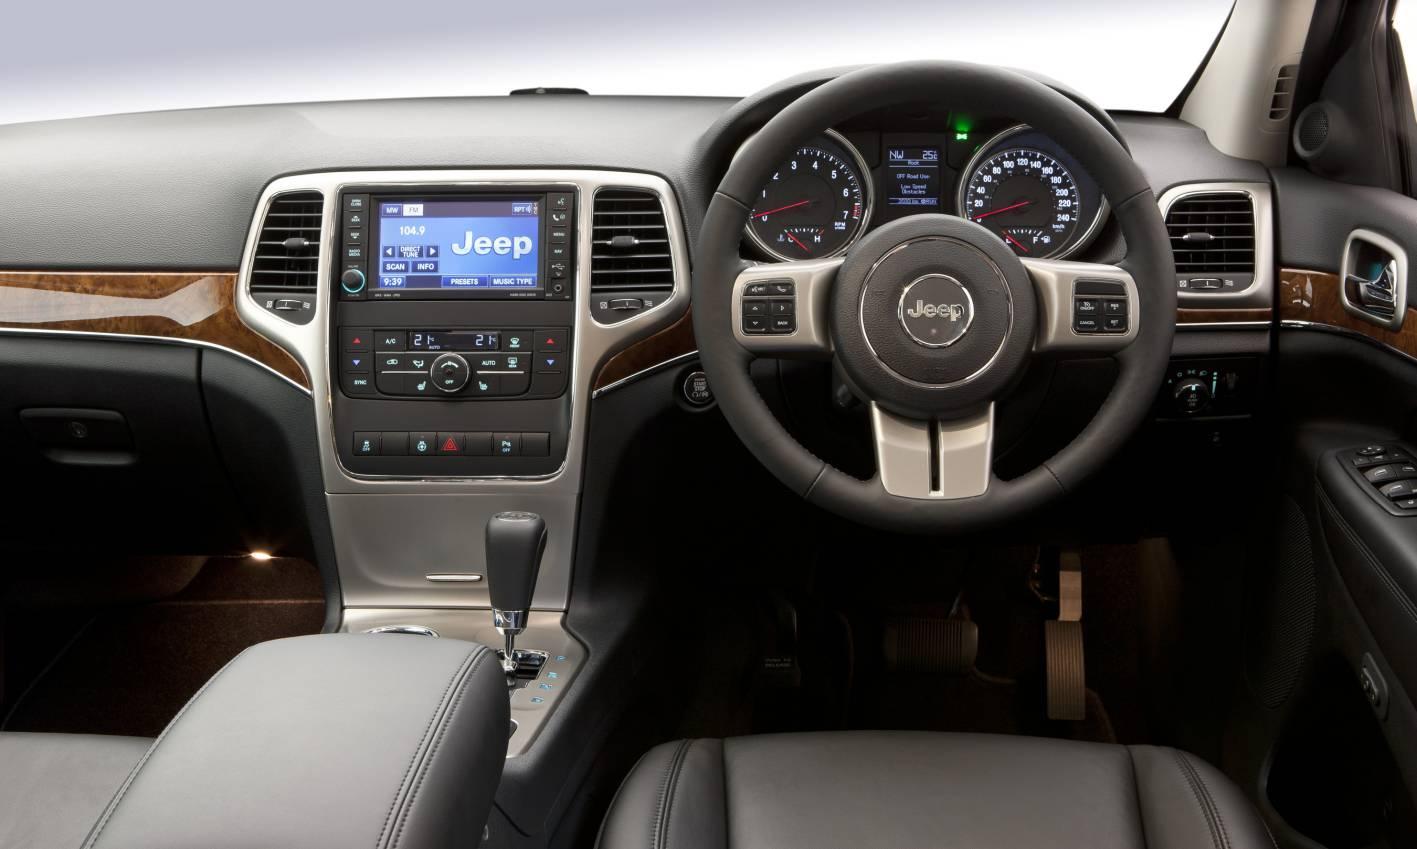 2011_jeep_grand_cherokee_diesel_review_13